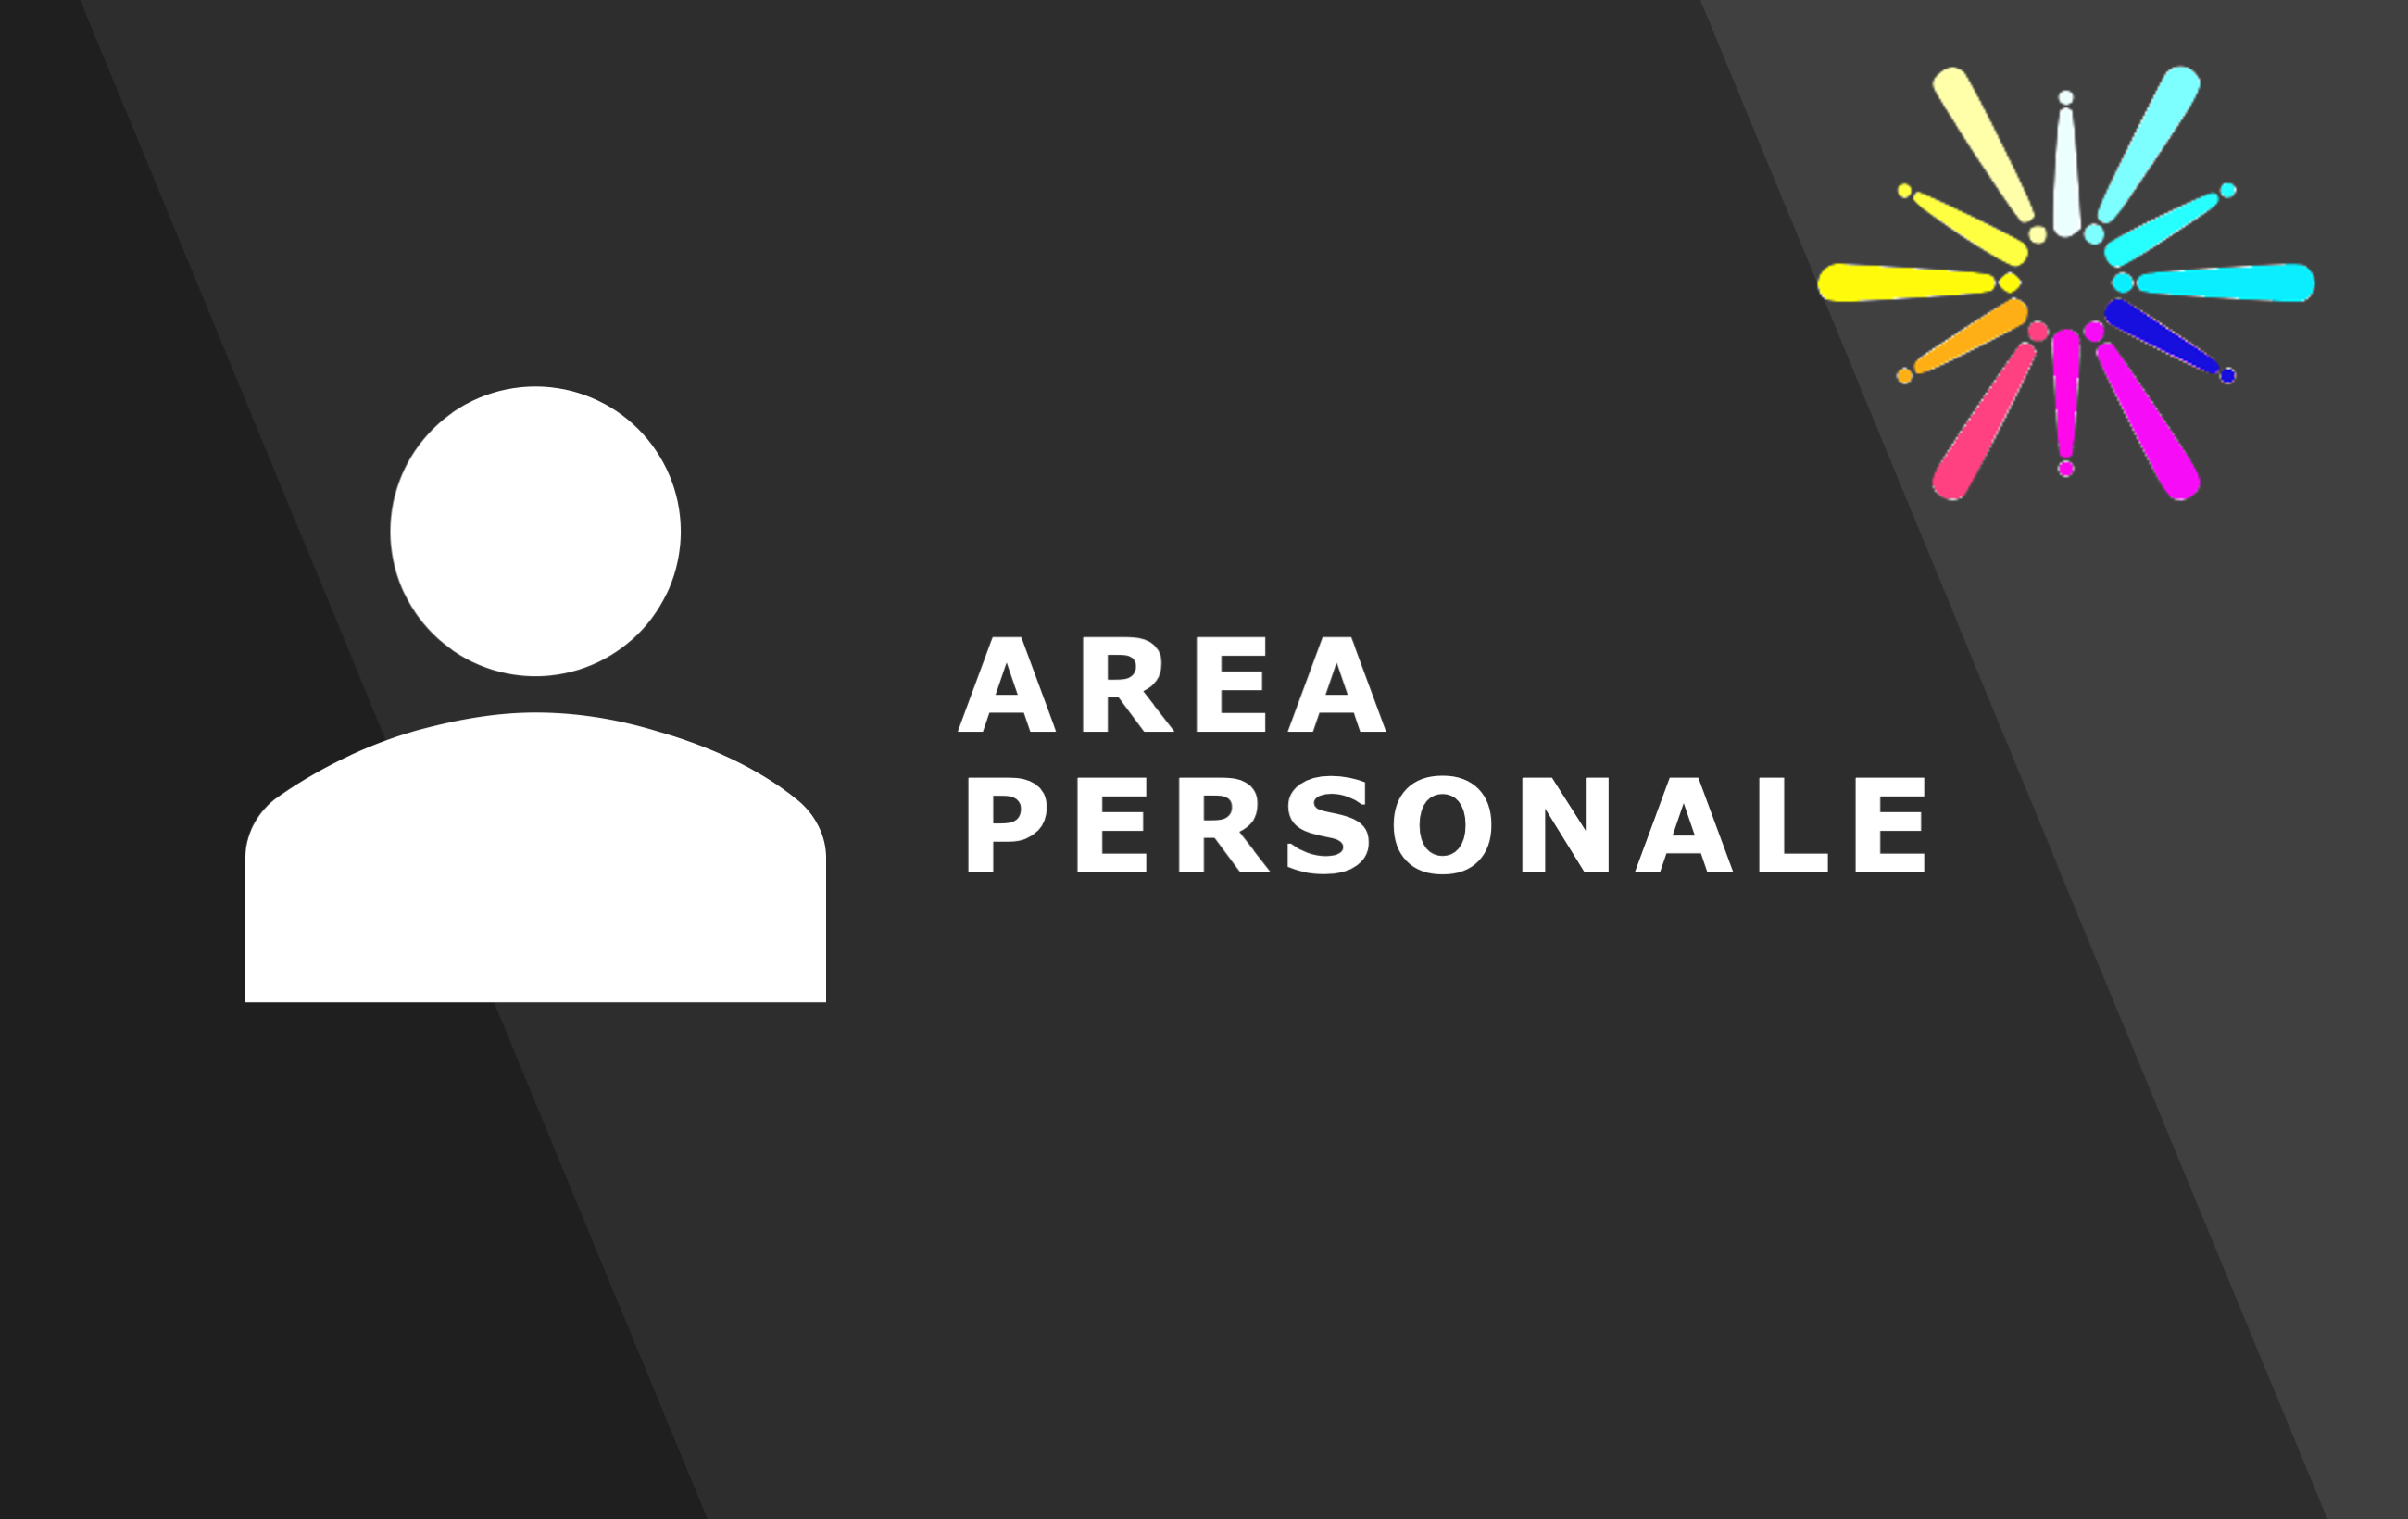 Area personale 1